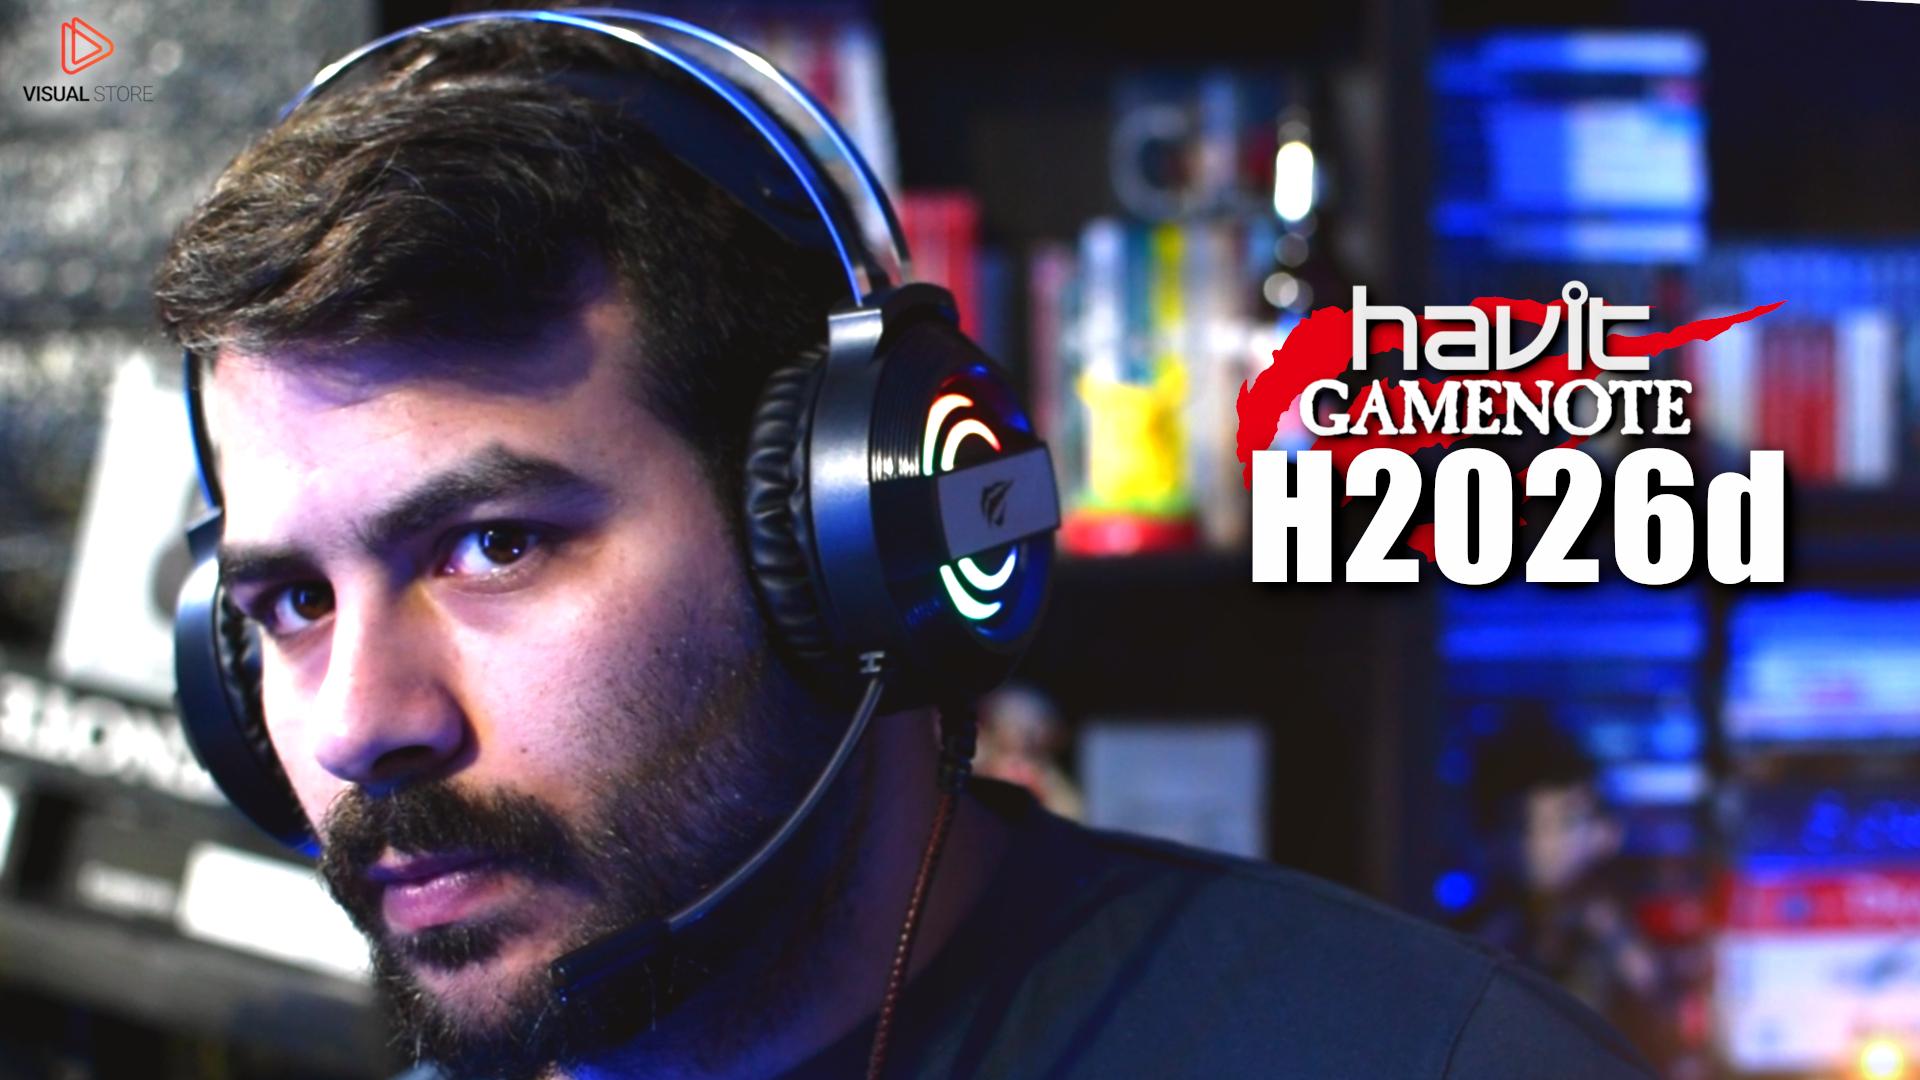 H2026d